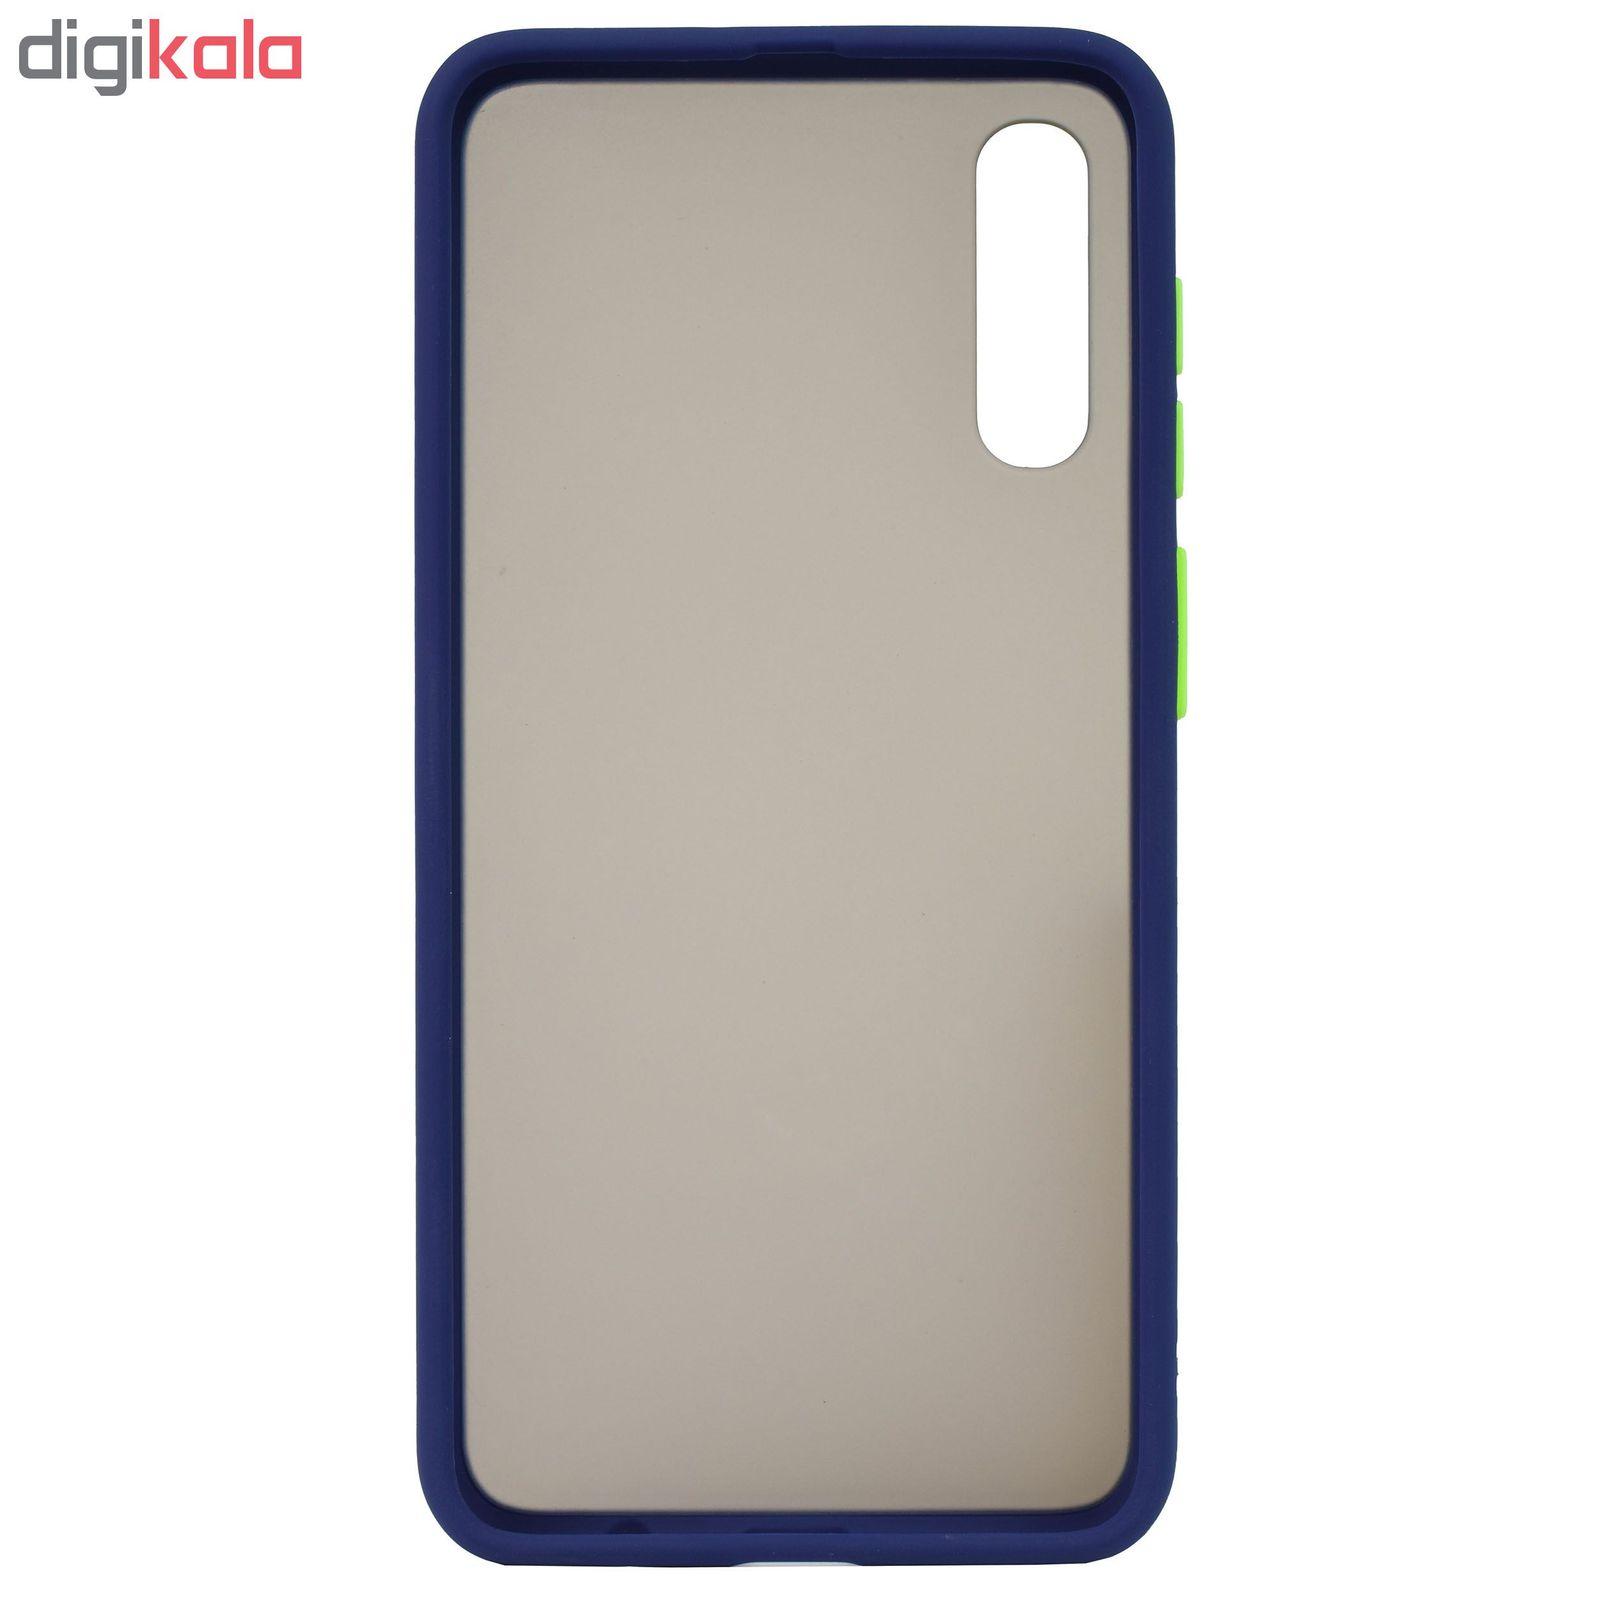 کاور مدل Slico01 مناسب برای گوشی موبایل سامسونگ Galaxy A50 main 1 9